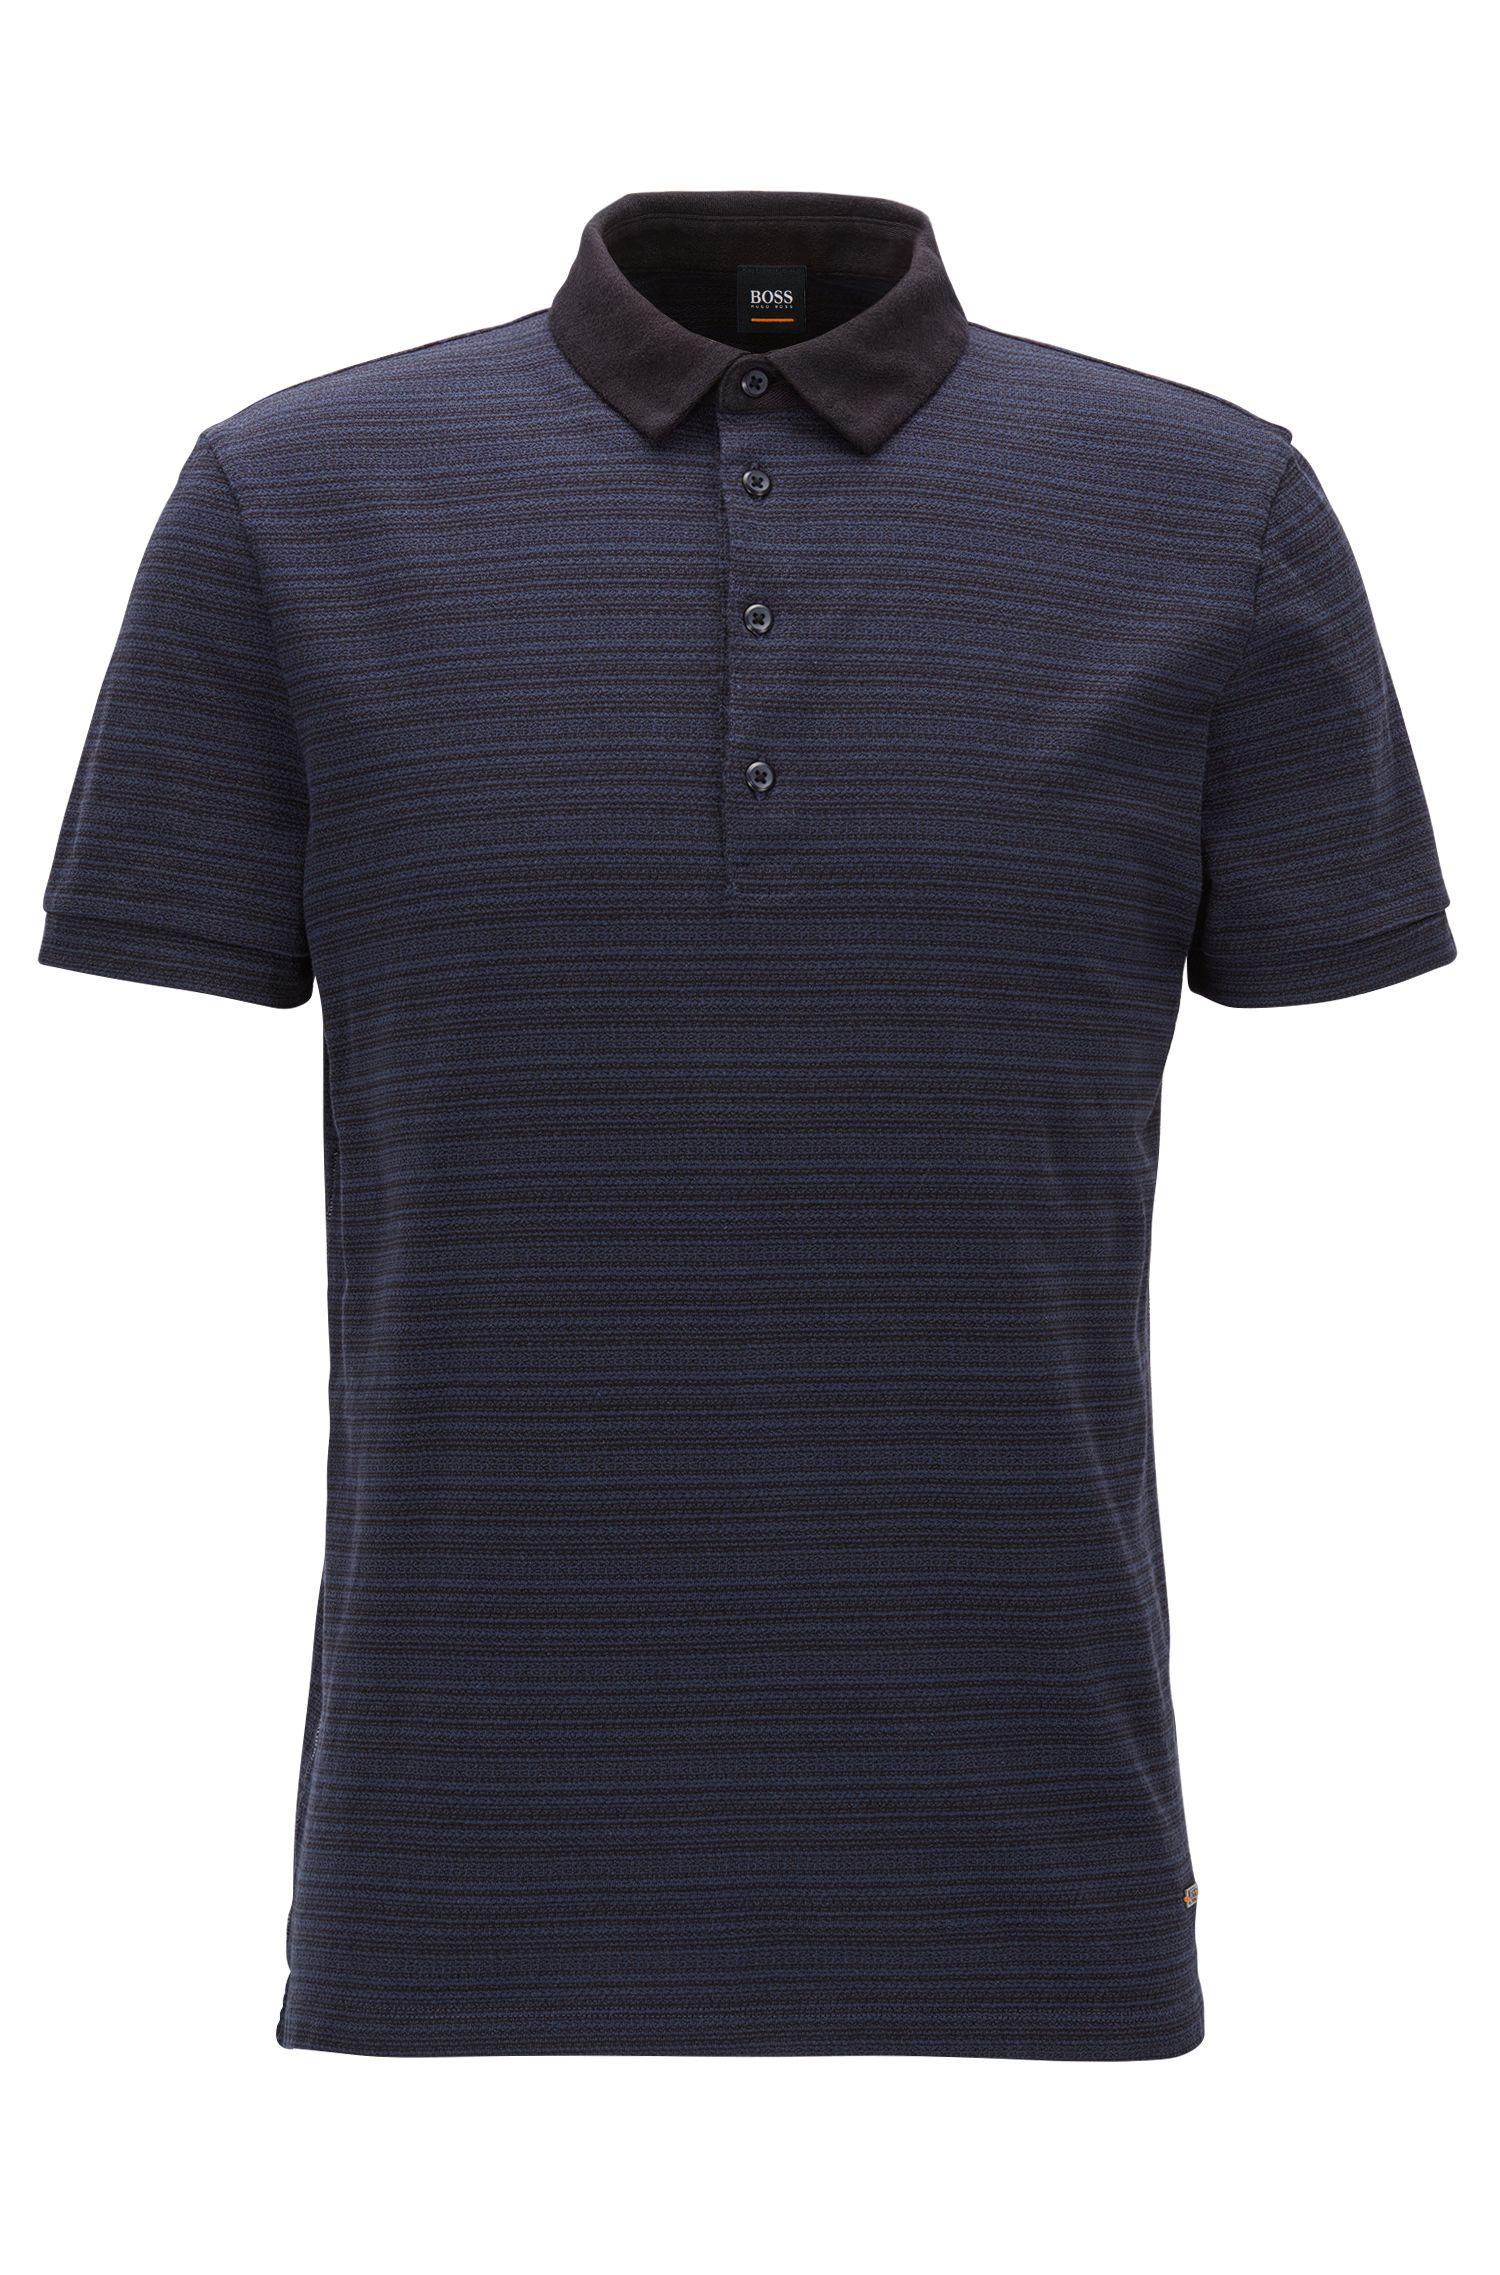 Regular-Fit Poloshirt aus Baumwolle mit Jacquard-Streifen